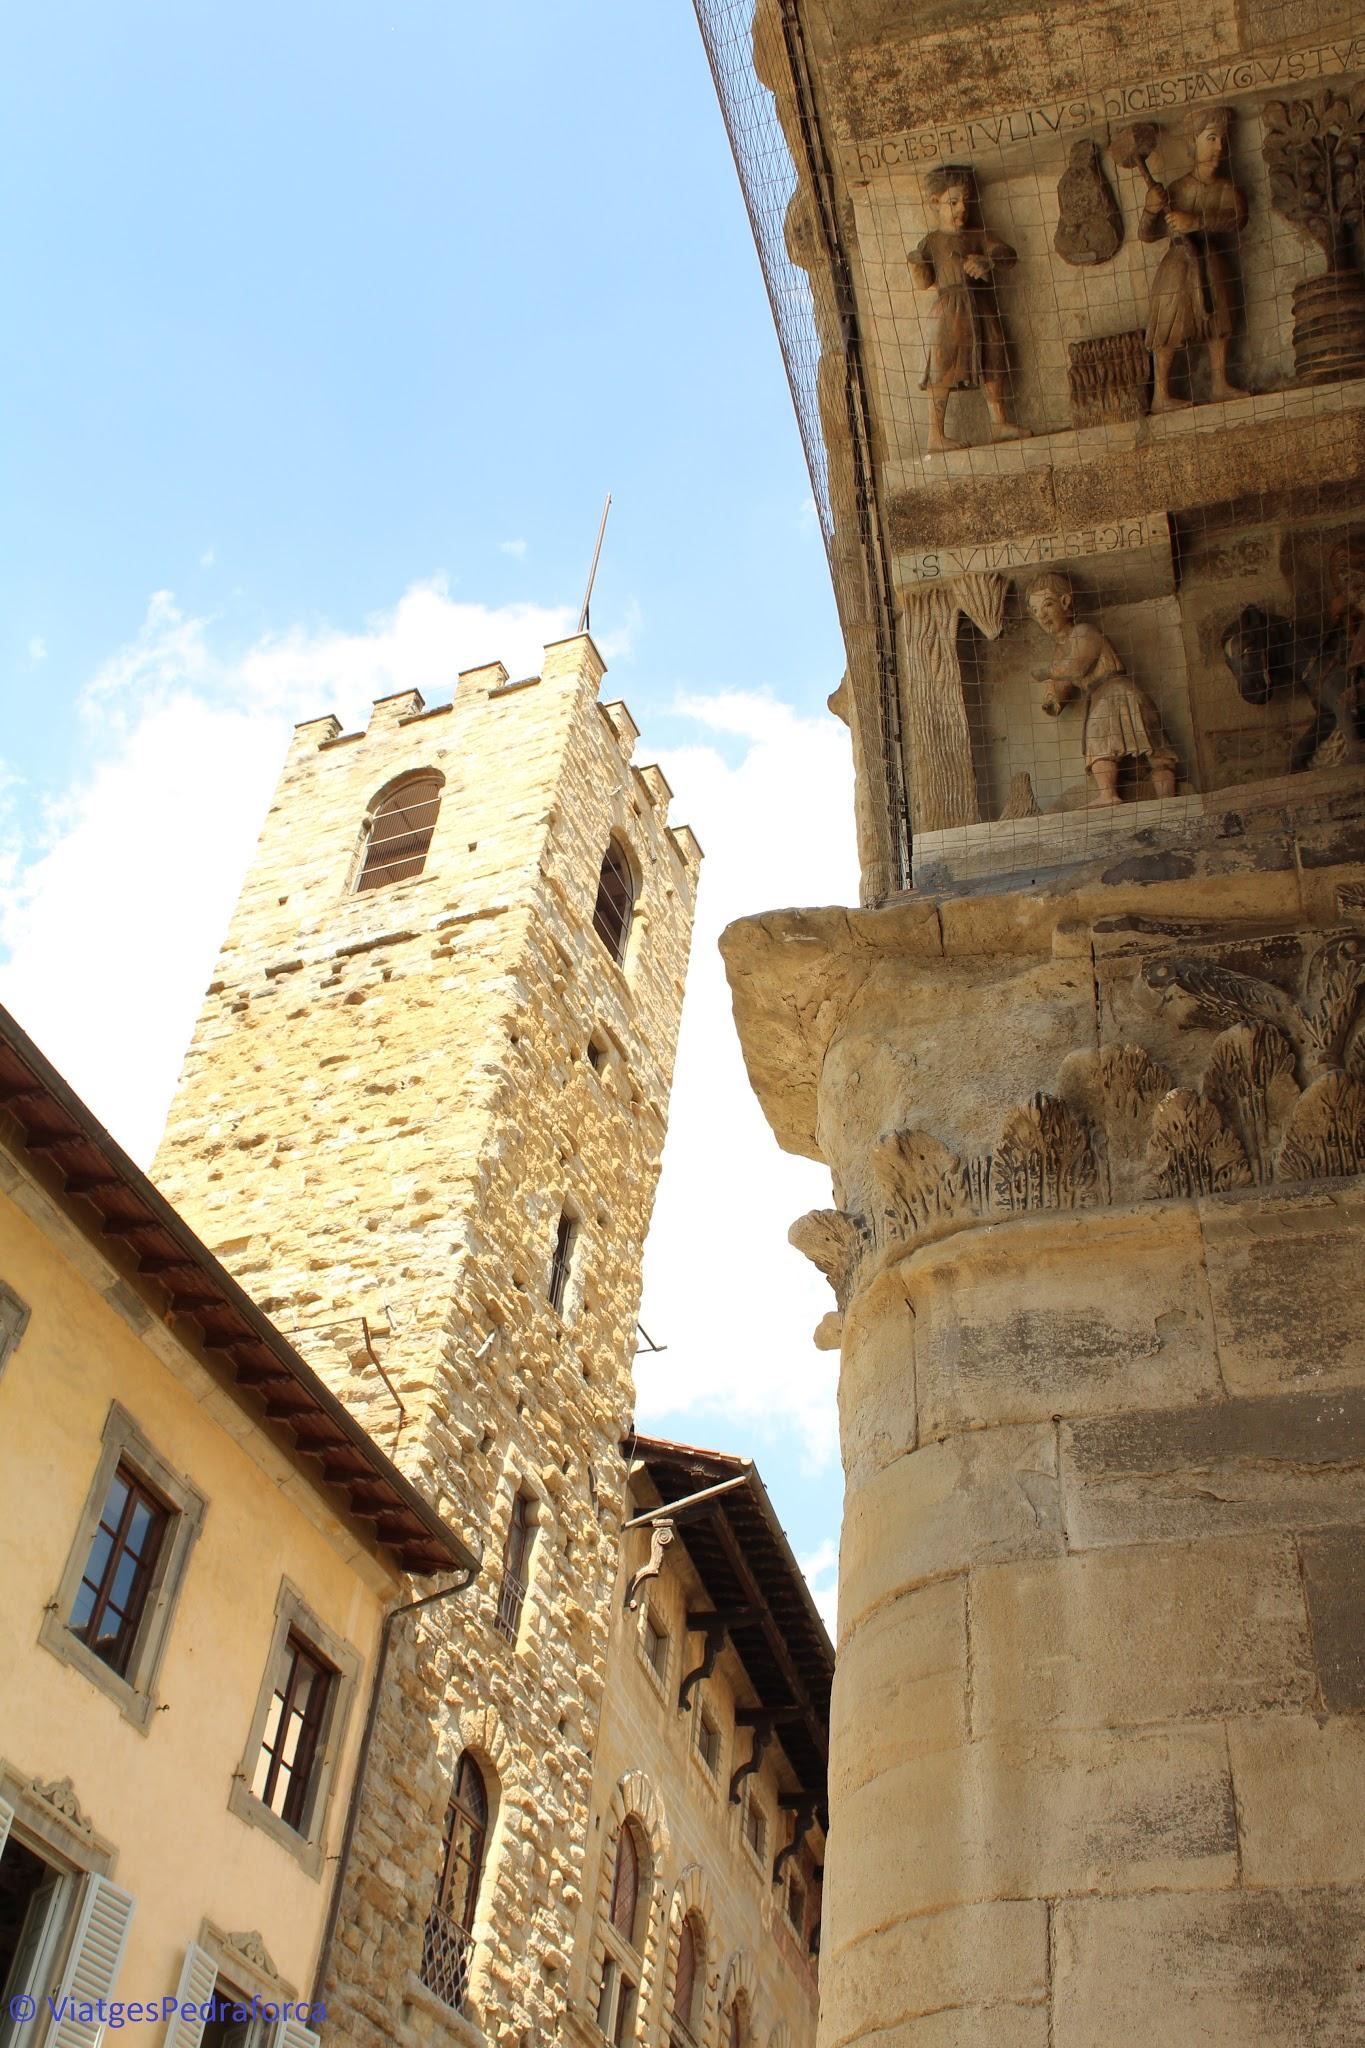 Art romànic, Toscana, Itàlia, escultura romànica